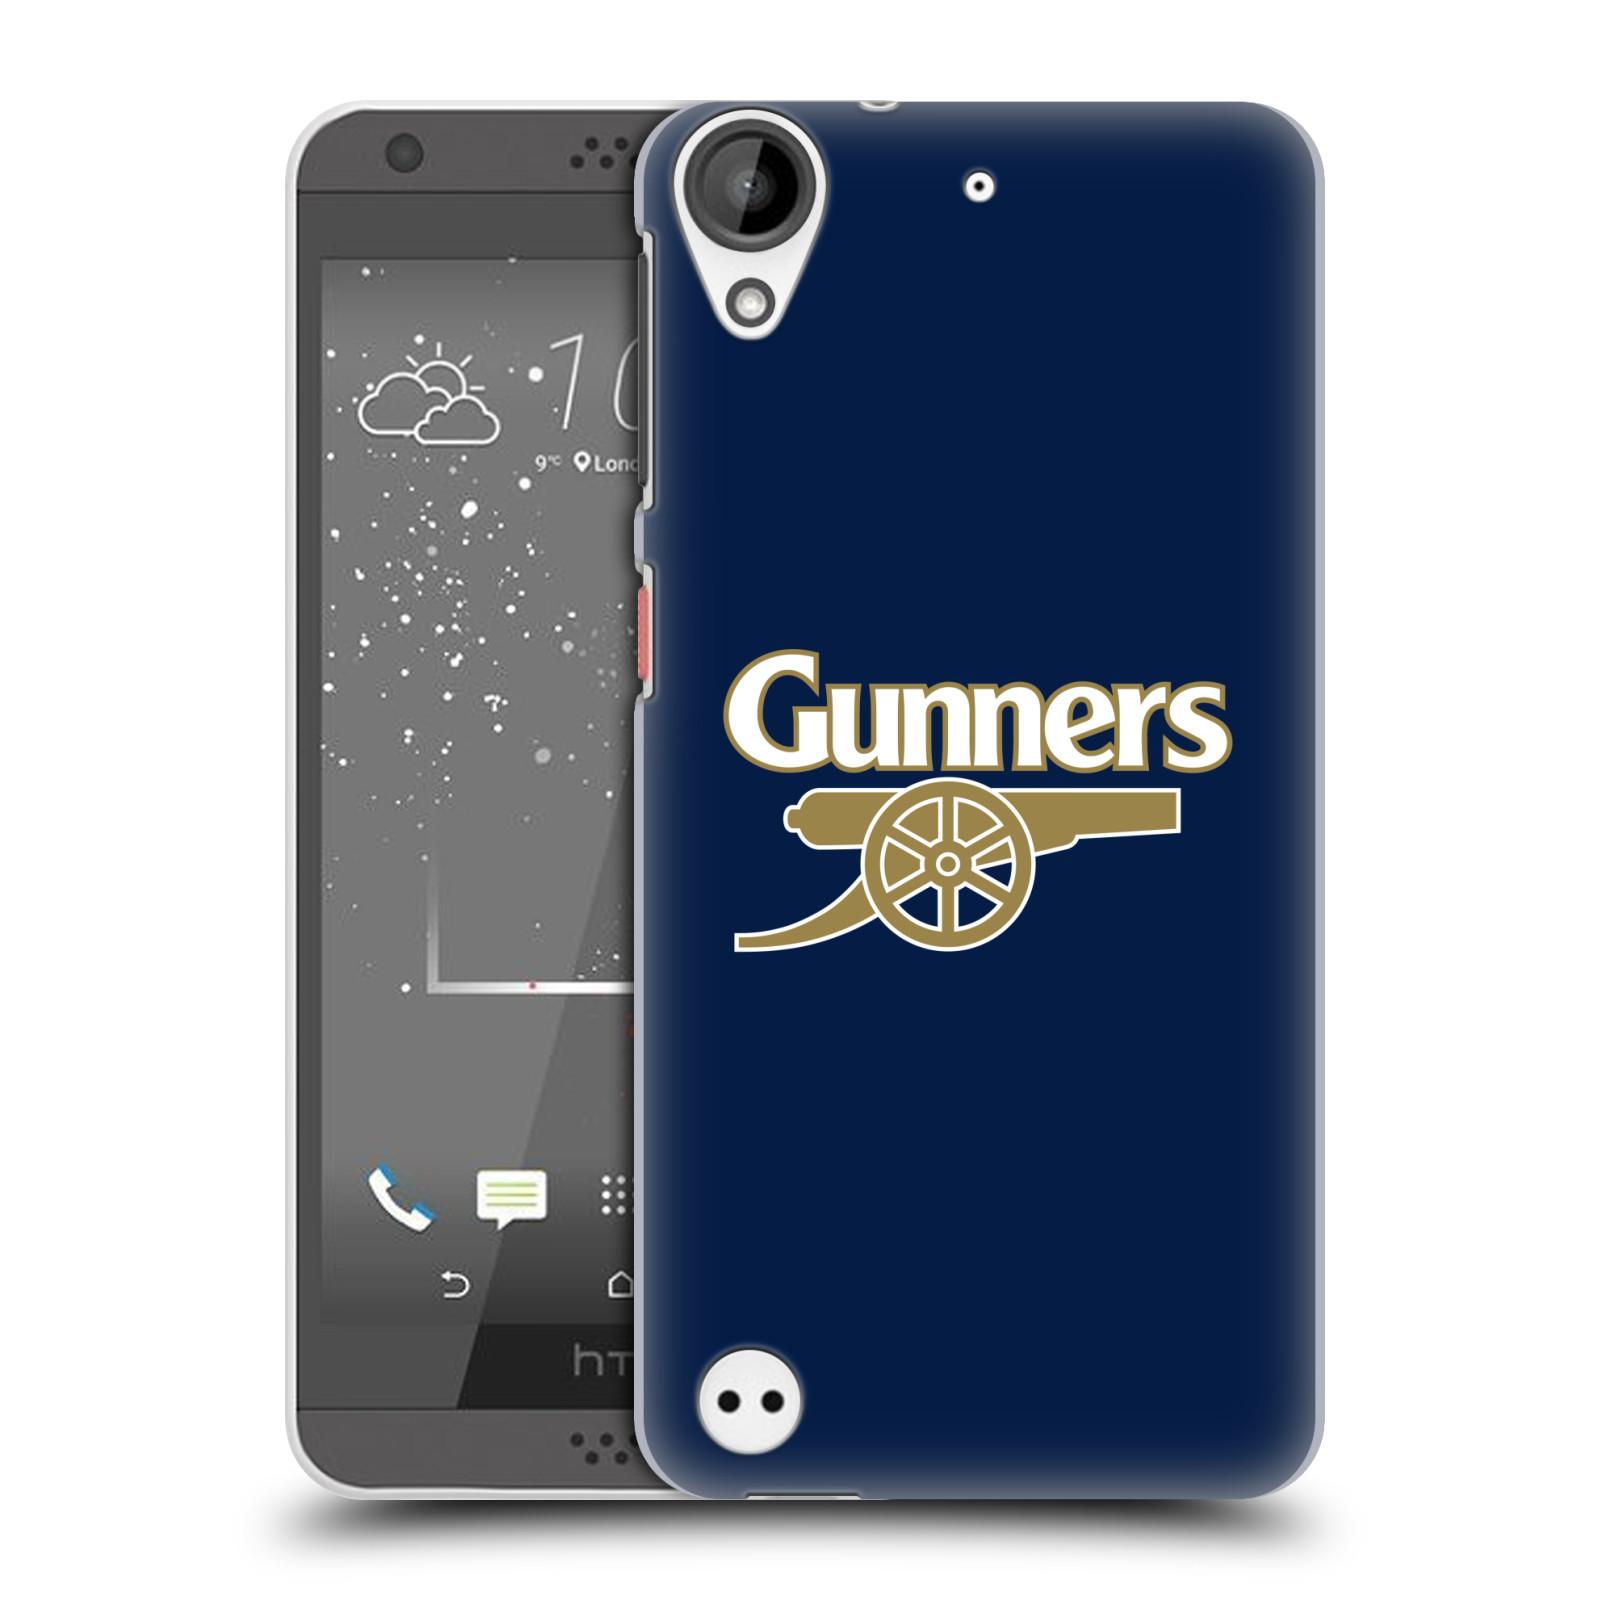 Plastové pouzdro na mobil HTC Desire 530 - Head Case - Arsenal FC - Gunners